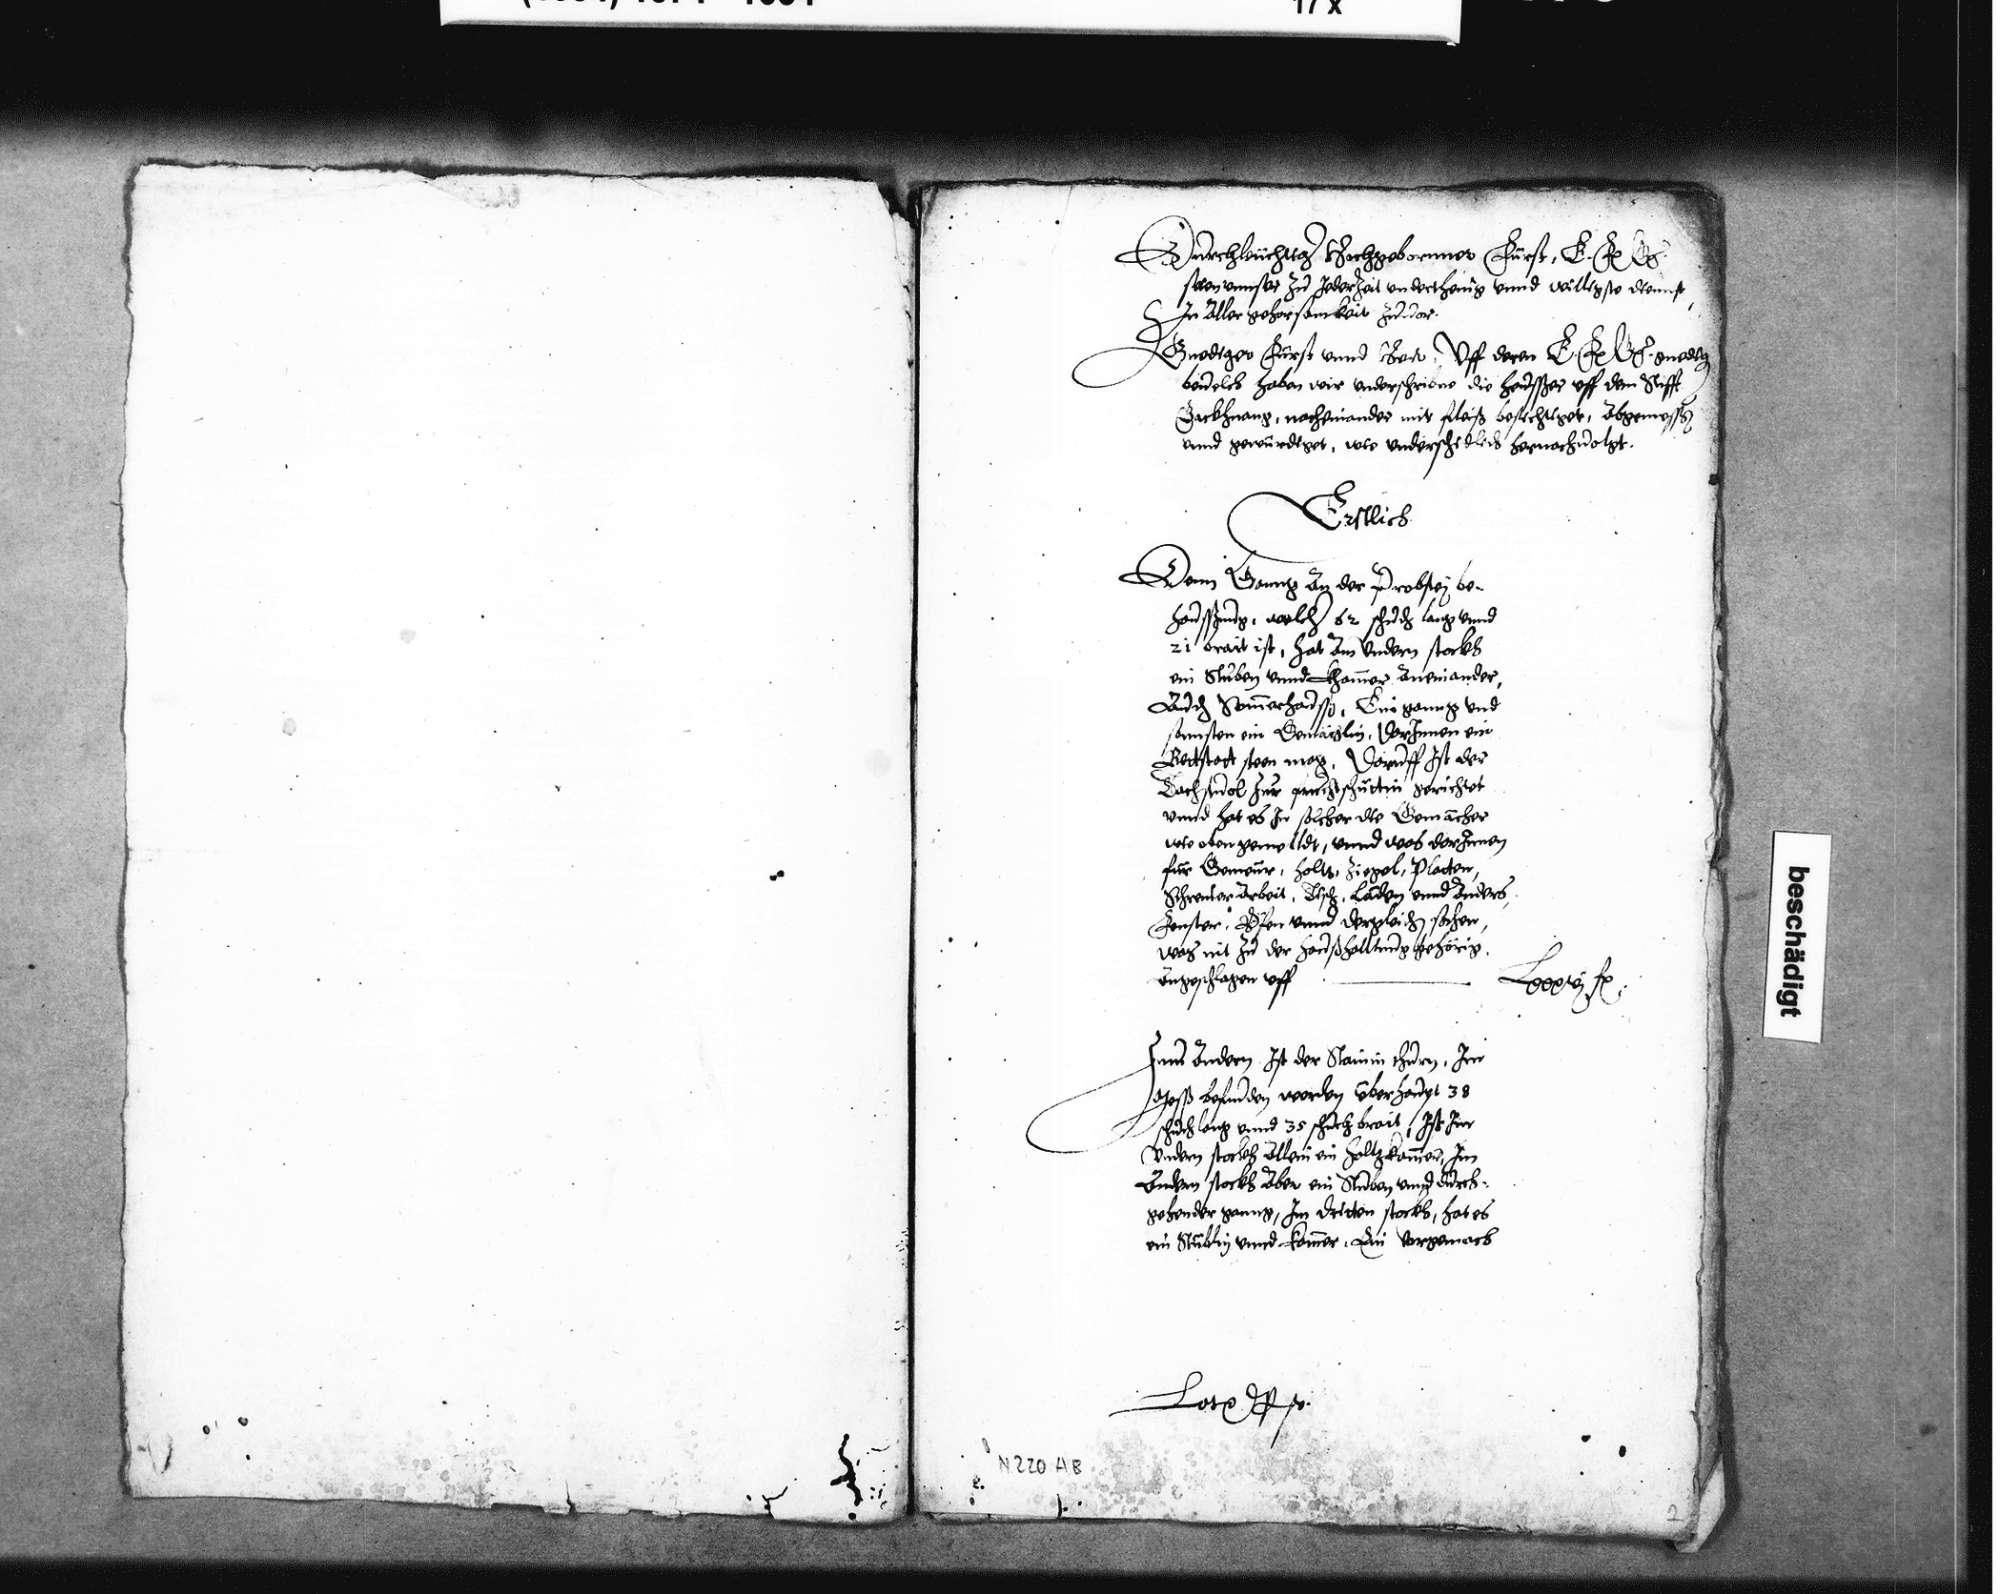 Kostenschätzung für den Abbruch der Stiftshäuser in Backnang für den Neubau des Schlosses, gefertigt von Elias Guntzenhäuser u. a., Bild 2